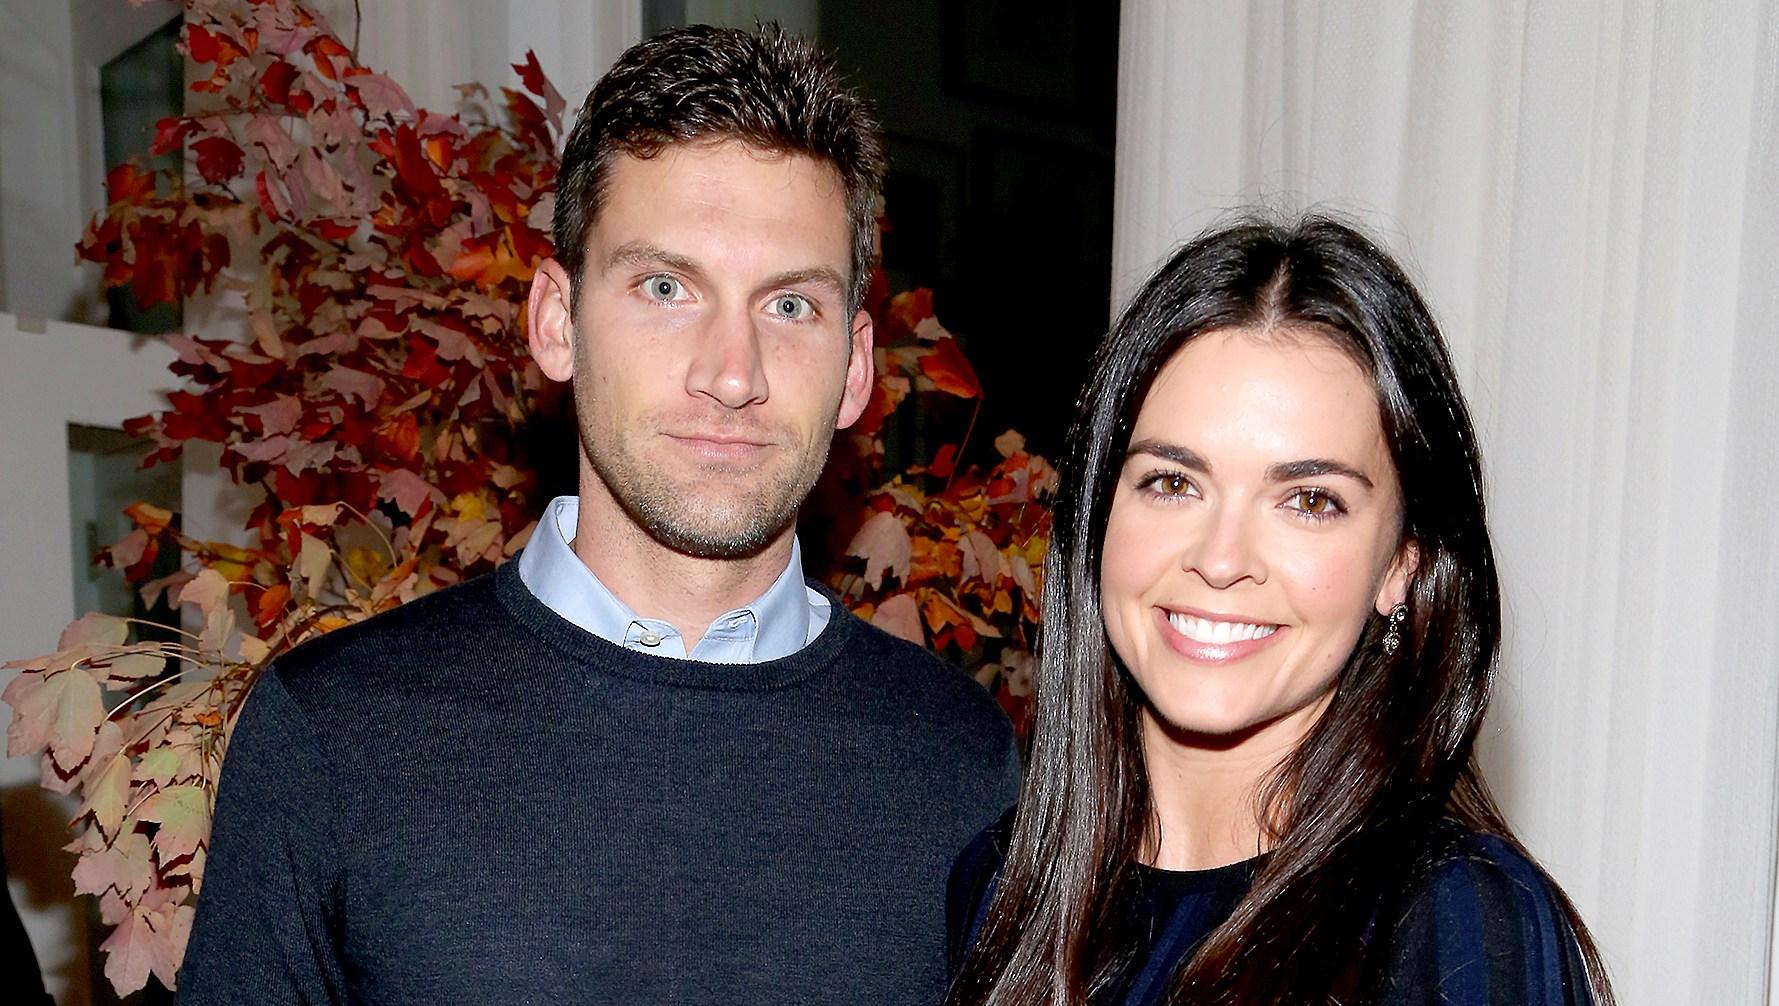 Ryan-Biegel-and-Katie-Lee engaged